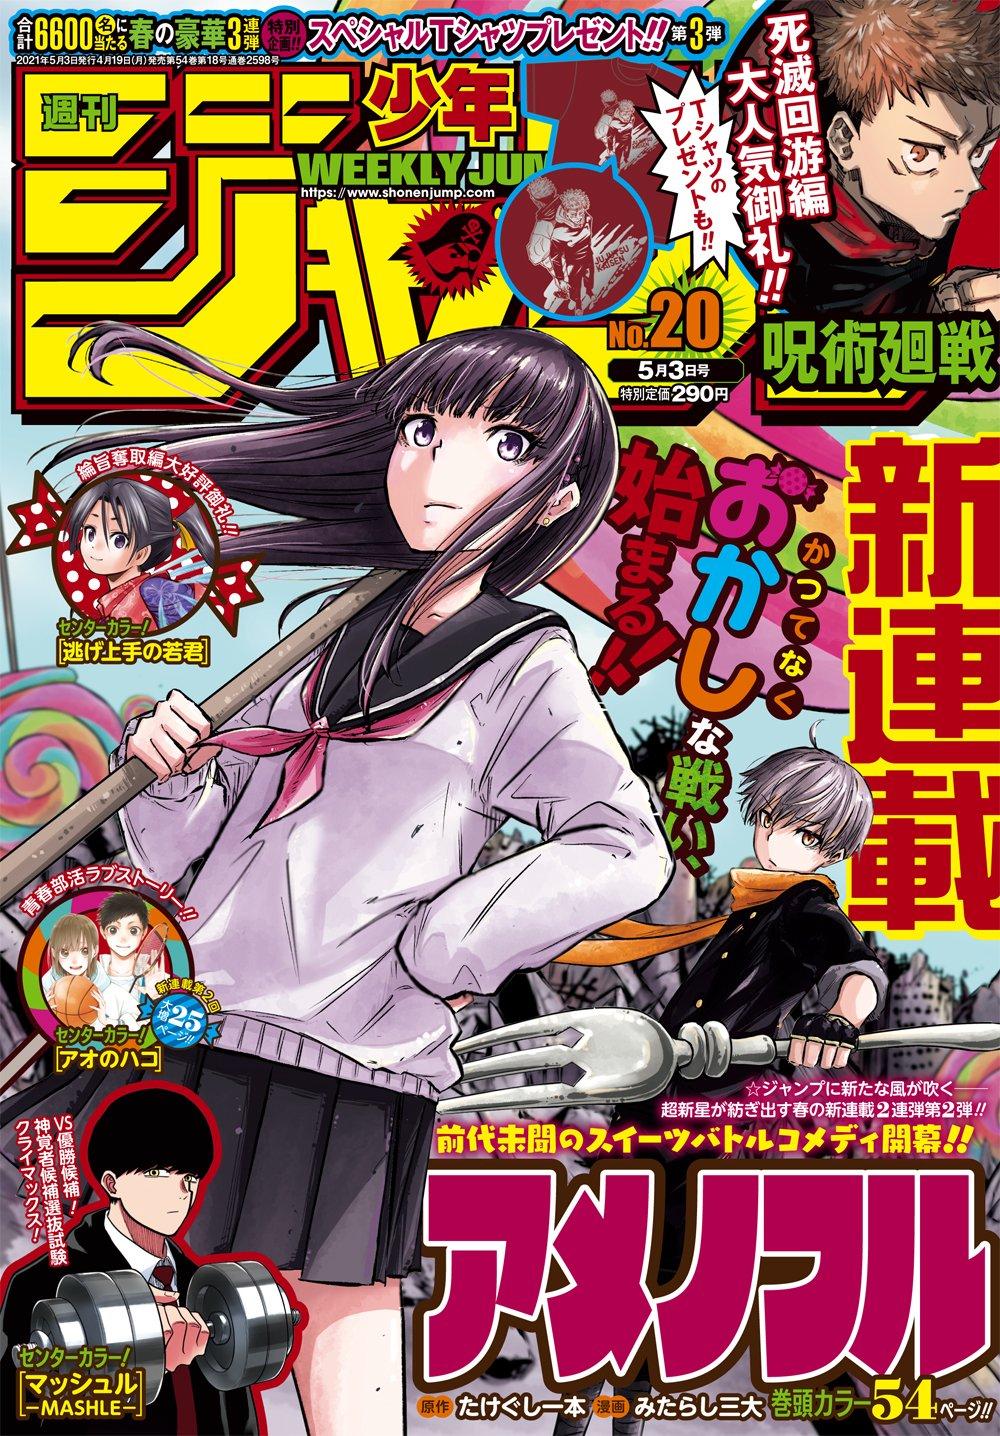 週刊少年ジャンプ 2021年20号 [Weekly Shonen Jump 2021 No.20+RAR]